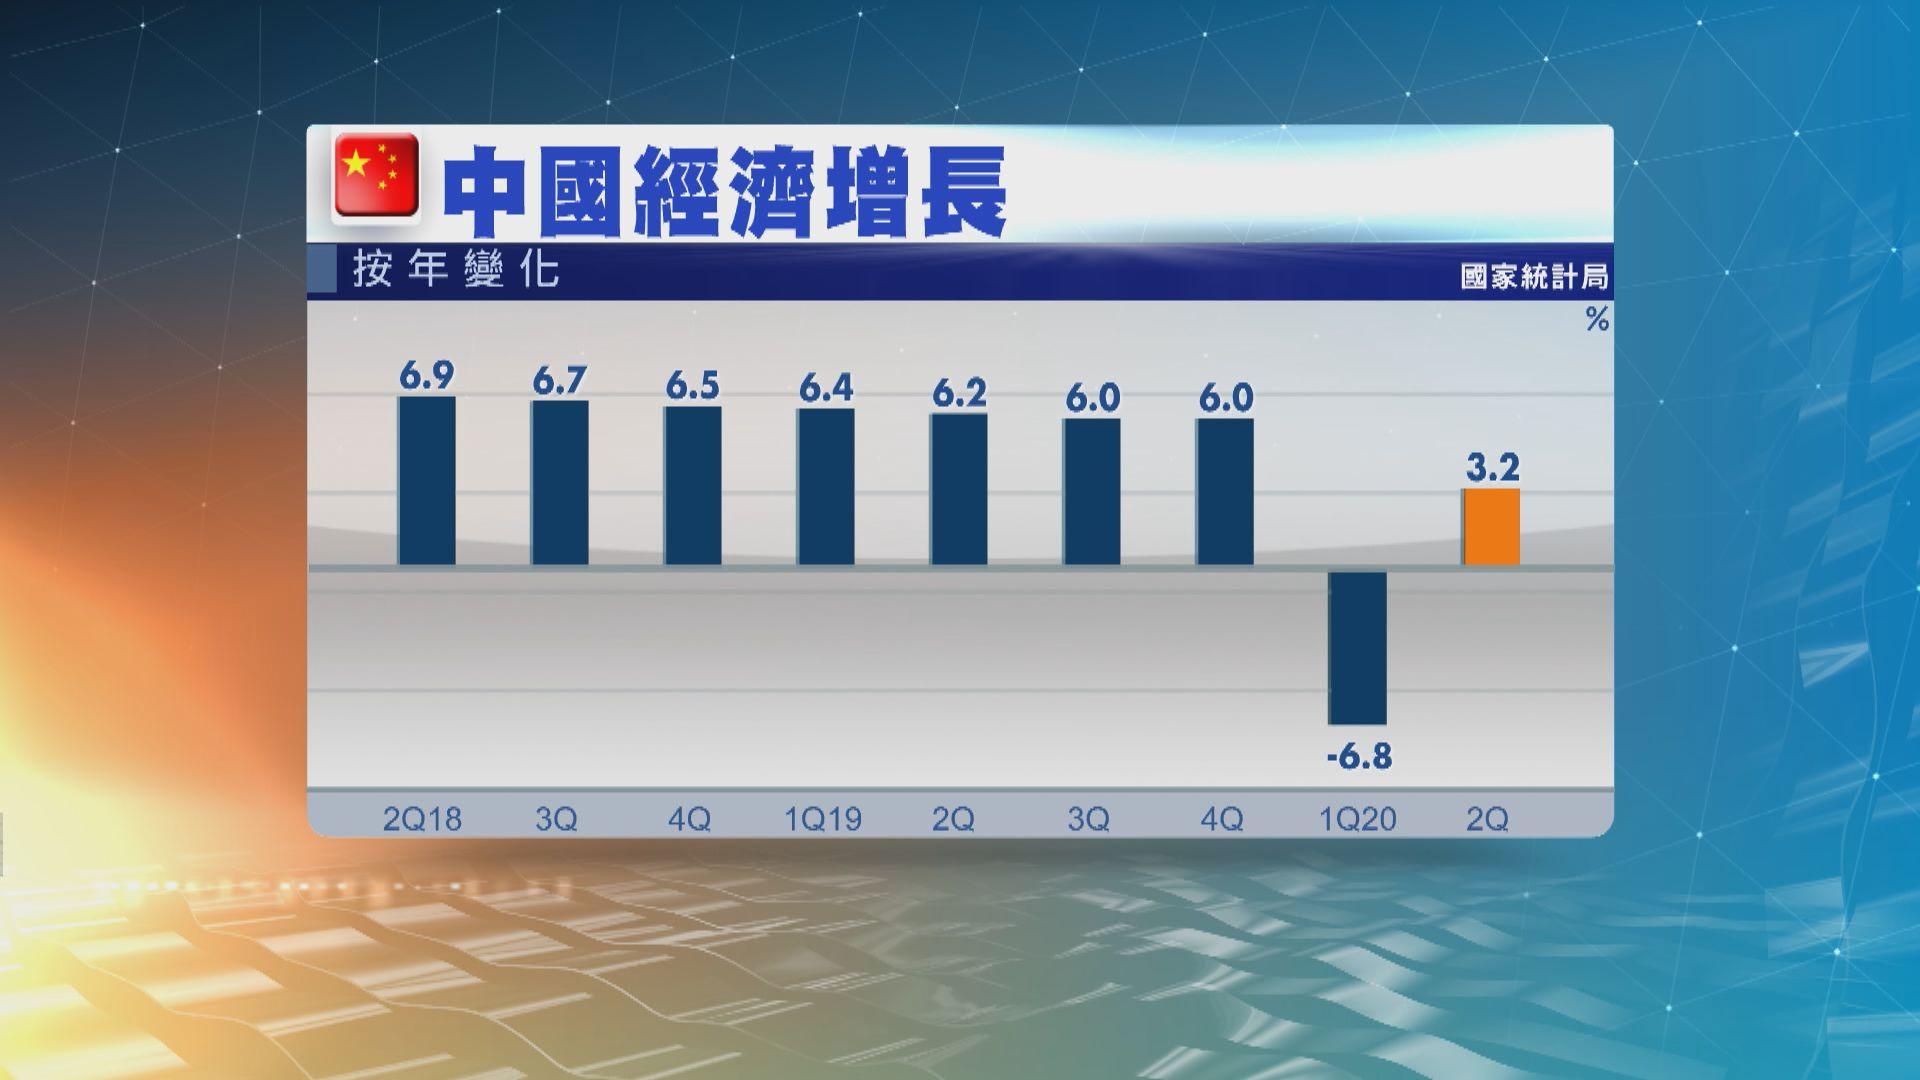 中國第二季經濟增長3.2%勝預期